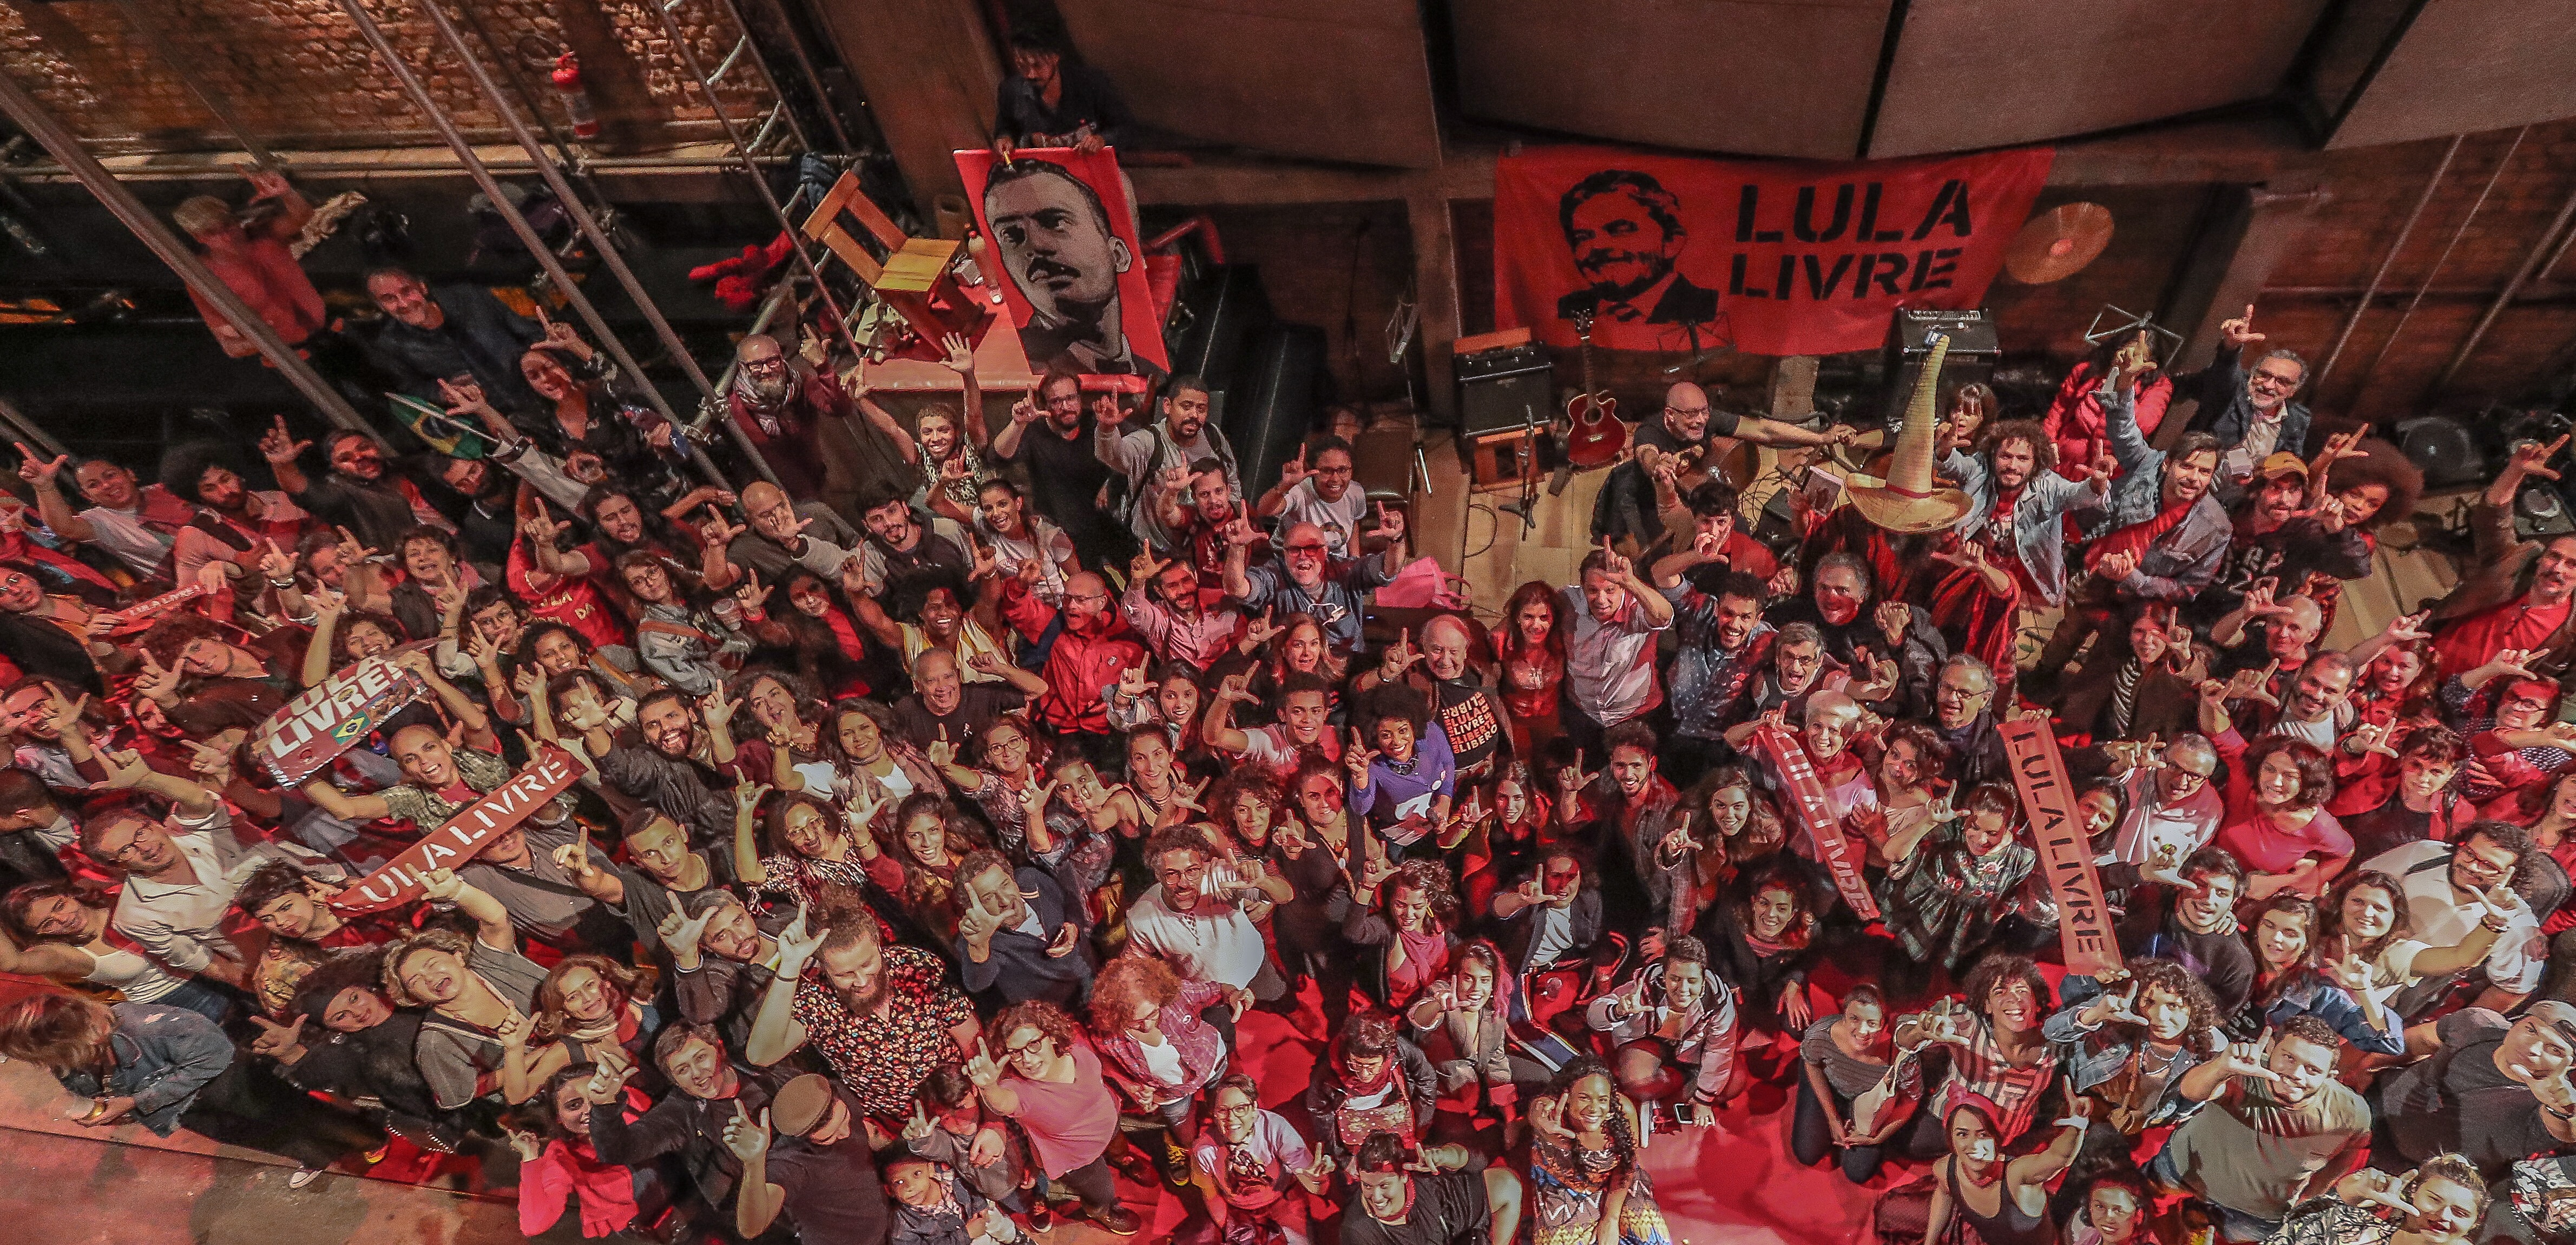 ''Esquenta'' para o Festival Lula Livre, contou com a participação de diversos artistas, políticos e líderes de movimentos populares - Créditos: Ricardo Stuckert